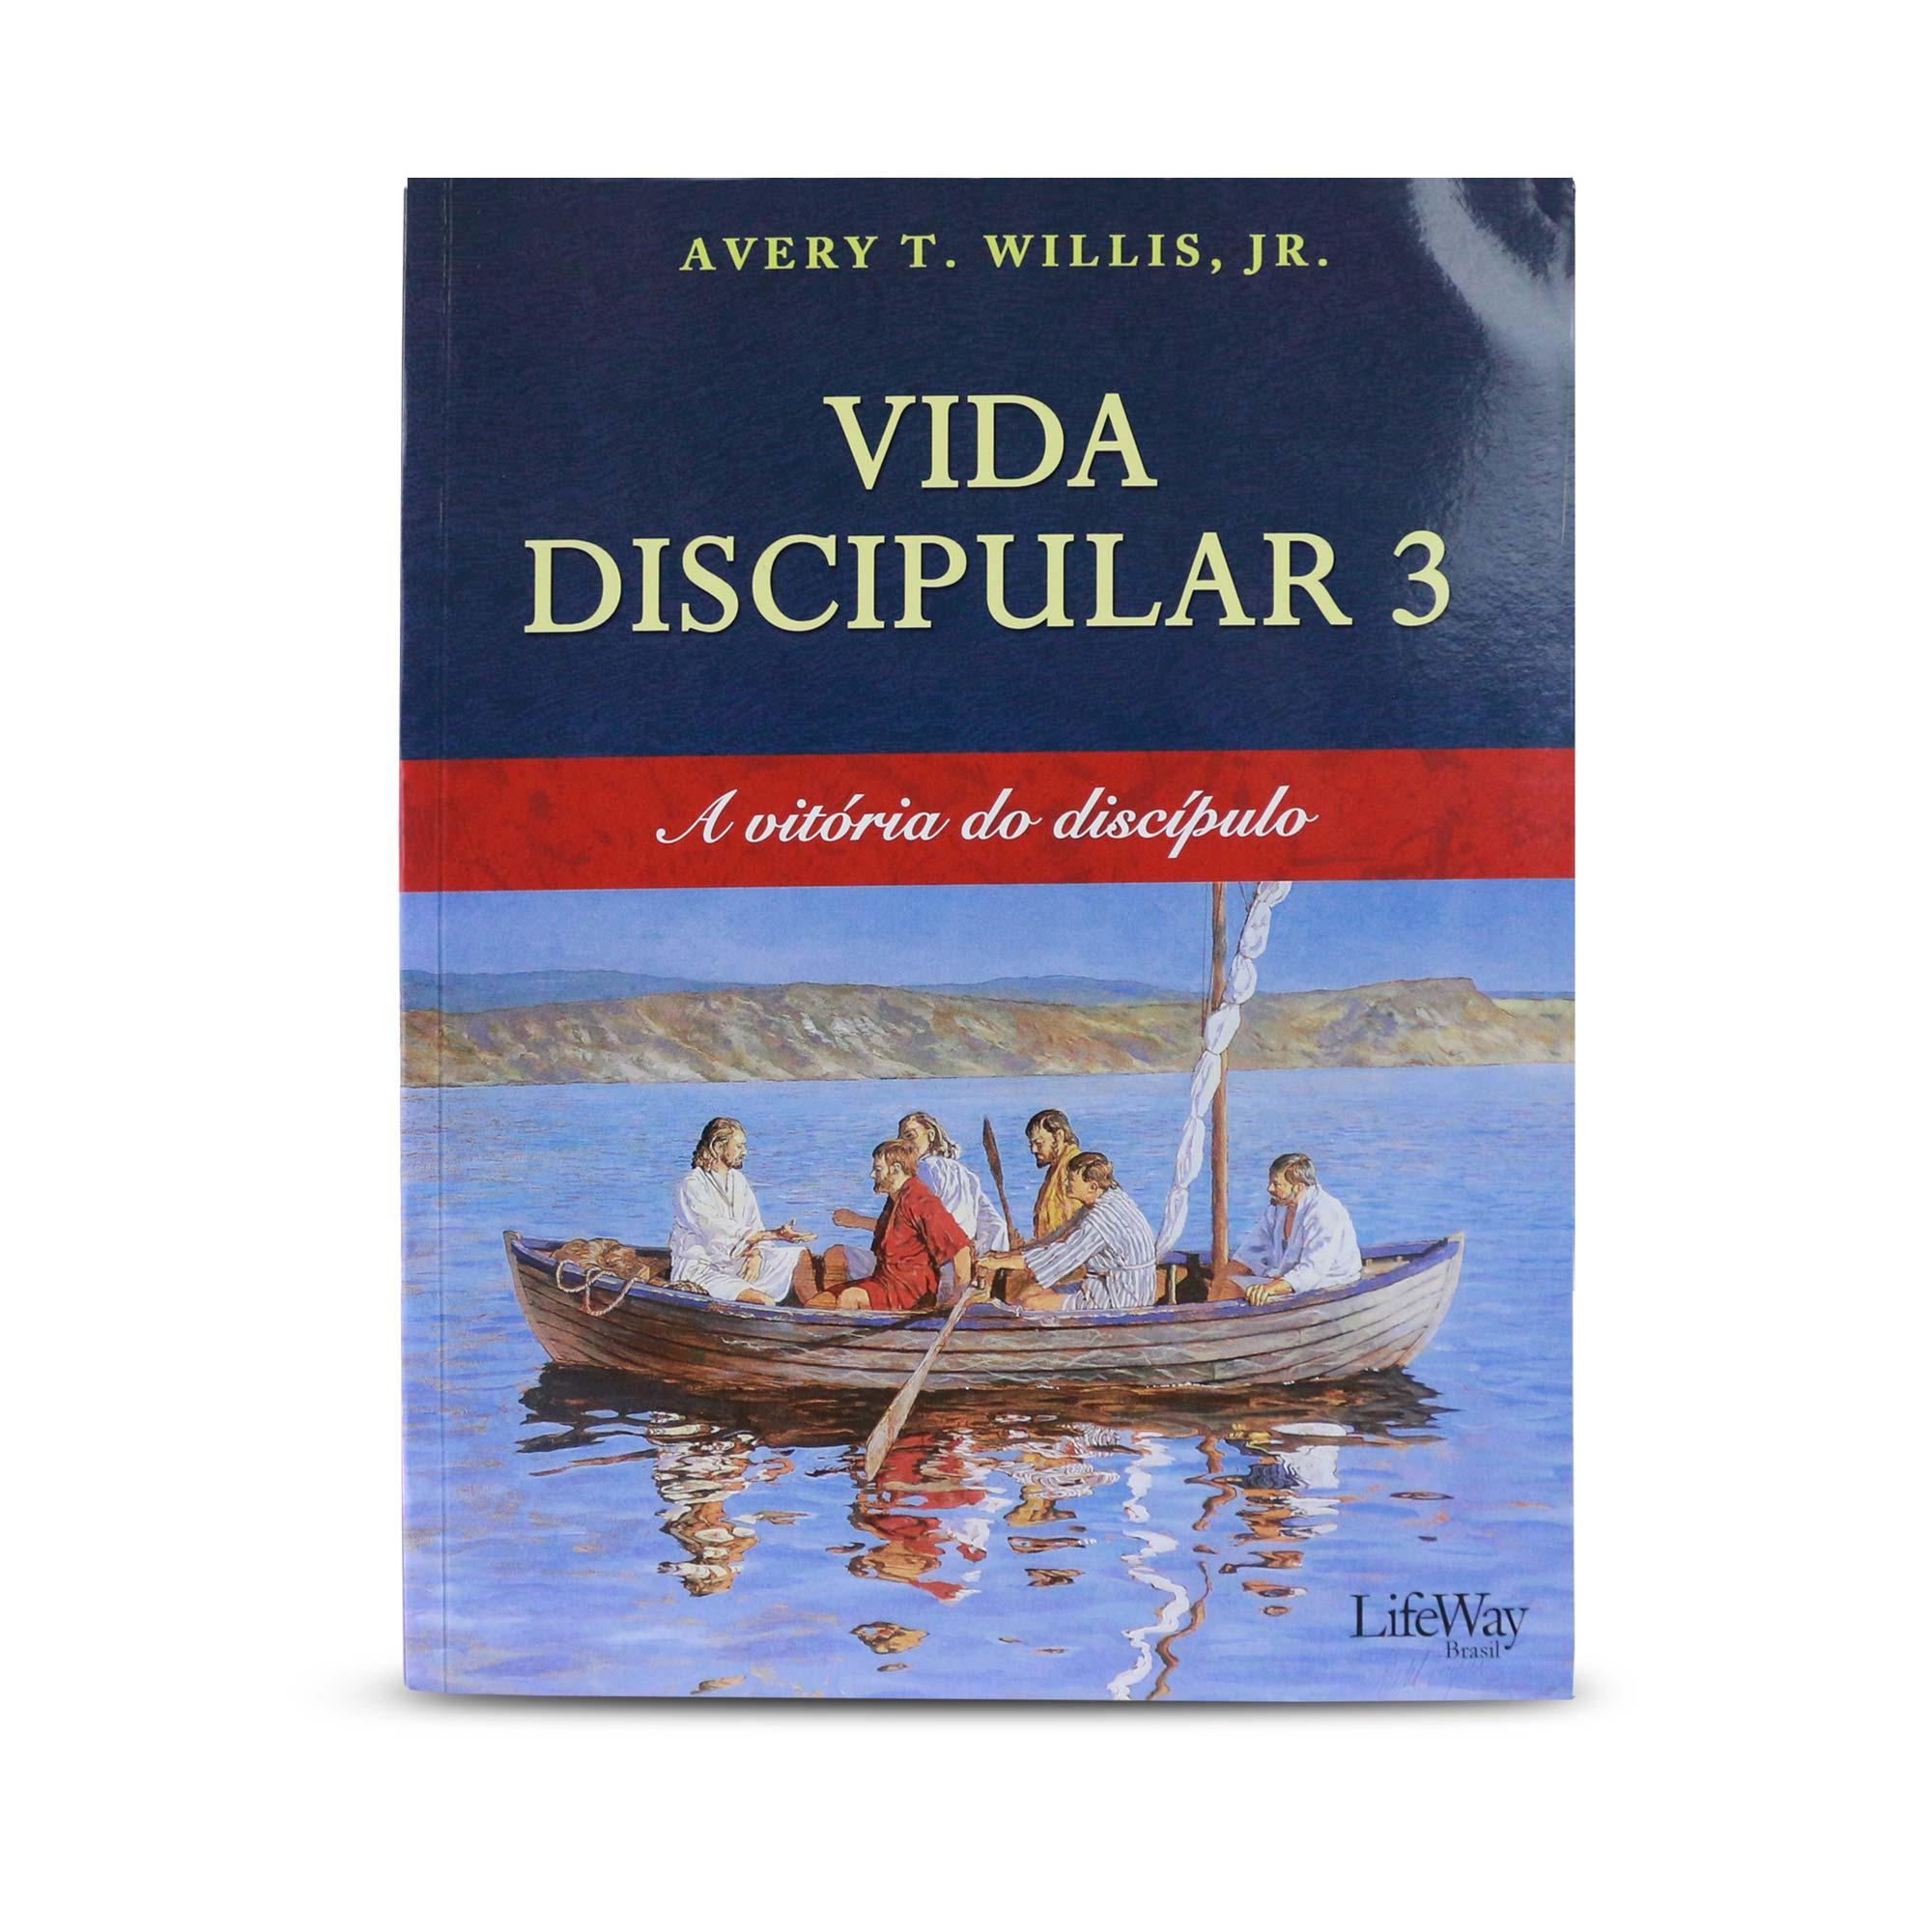 Vida discipular 3